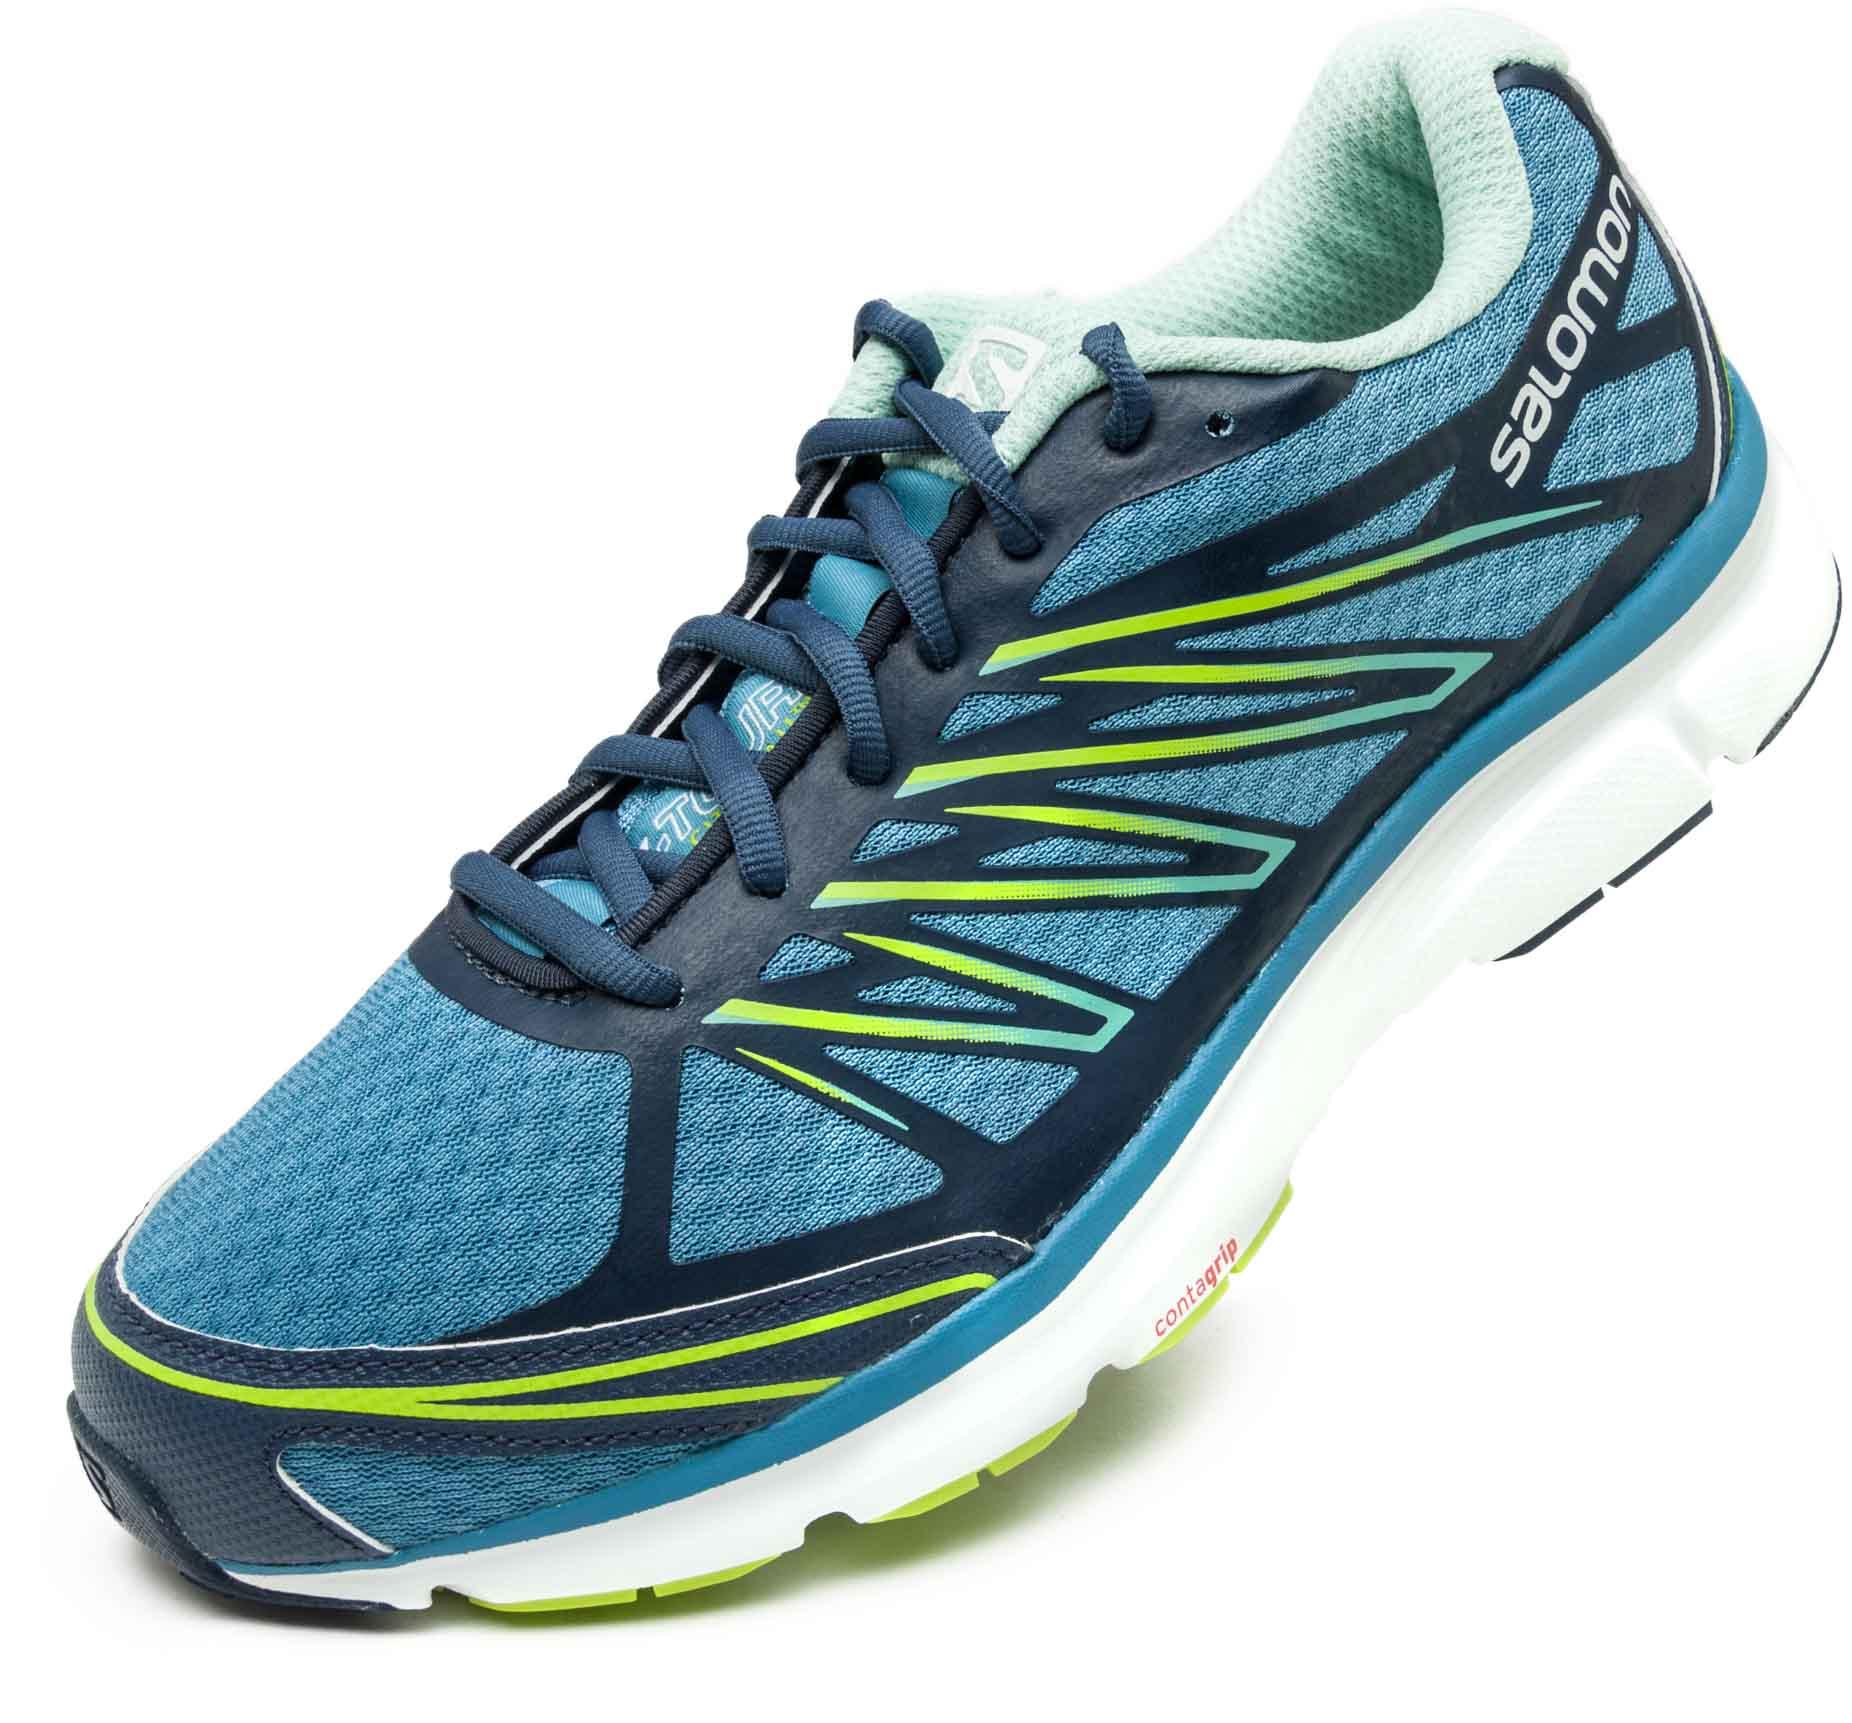 Dámská běžecká obuv Salomon X Tour w|UK 5